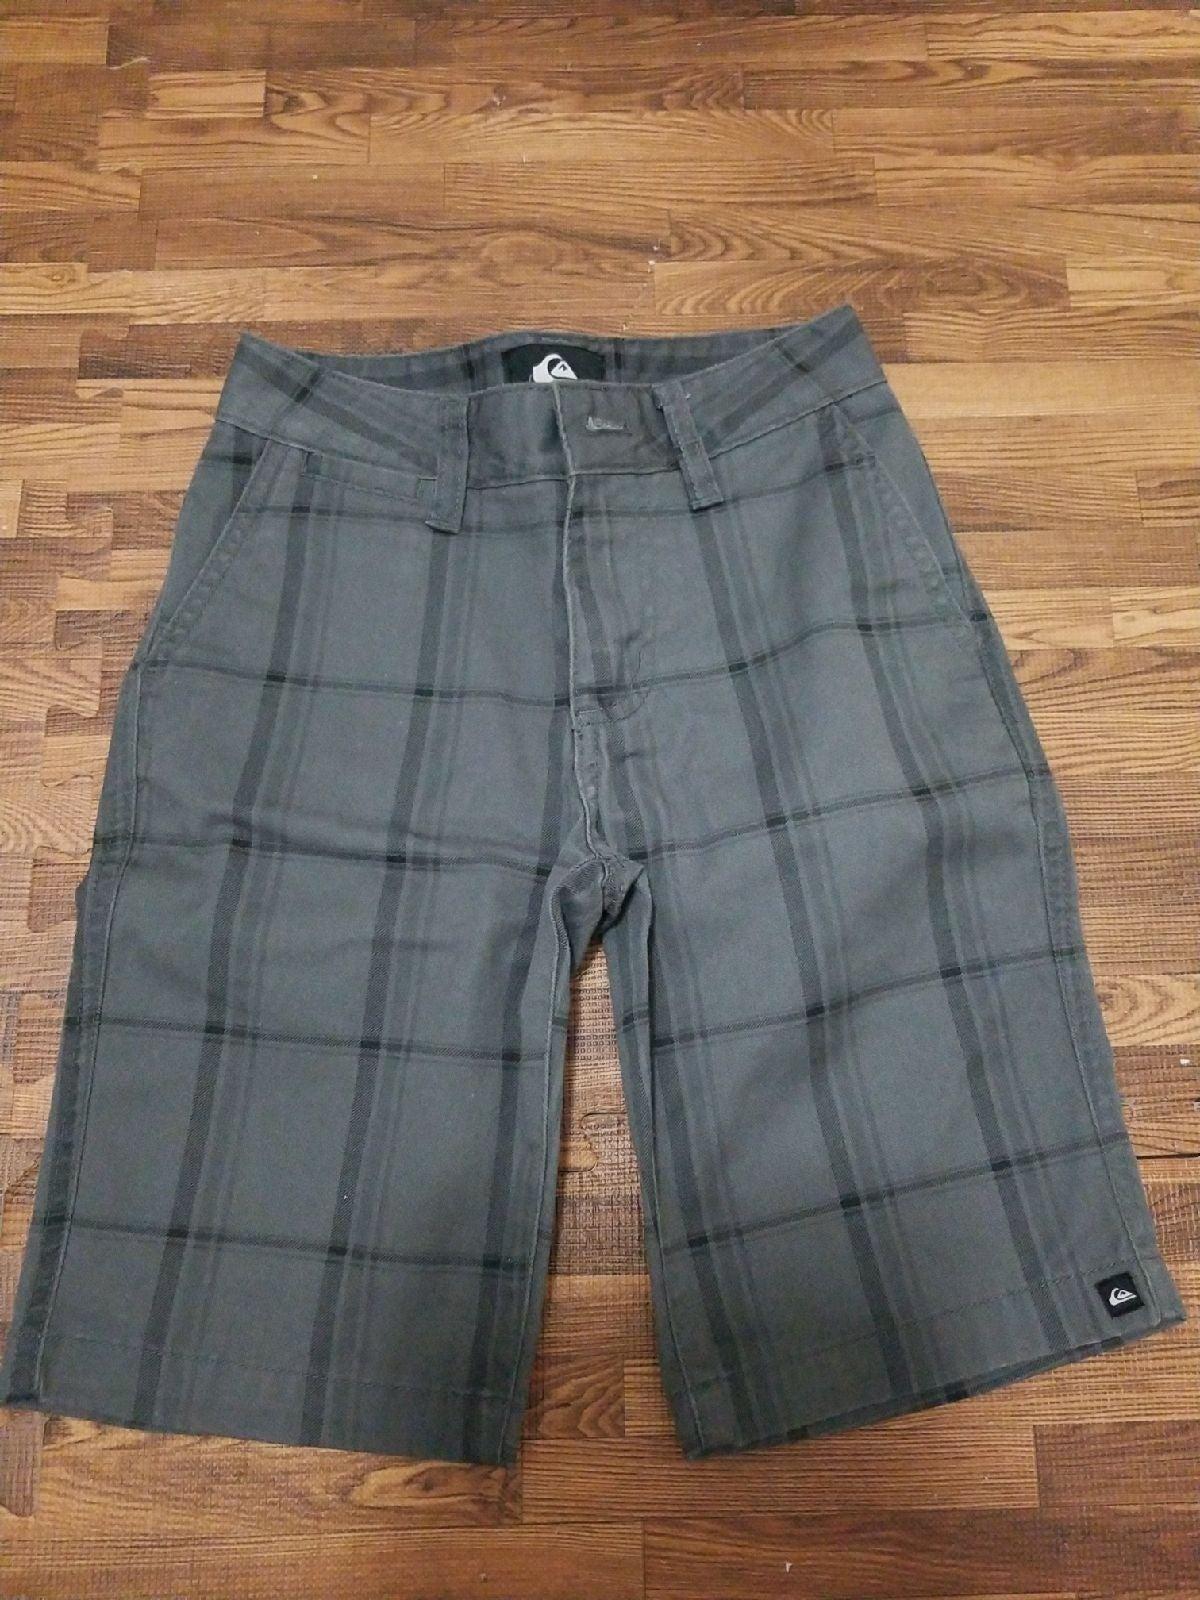 Quicksilver boys shorts size 22